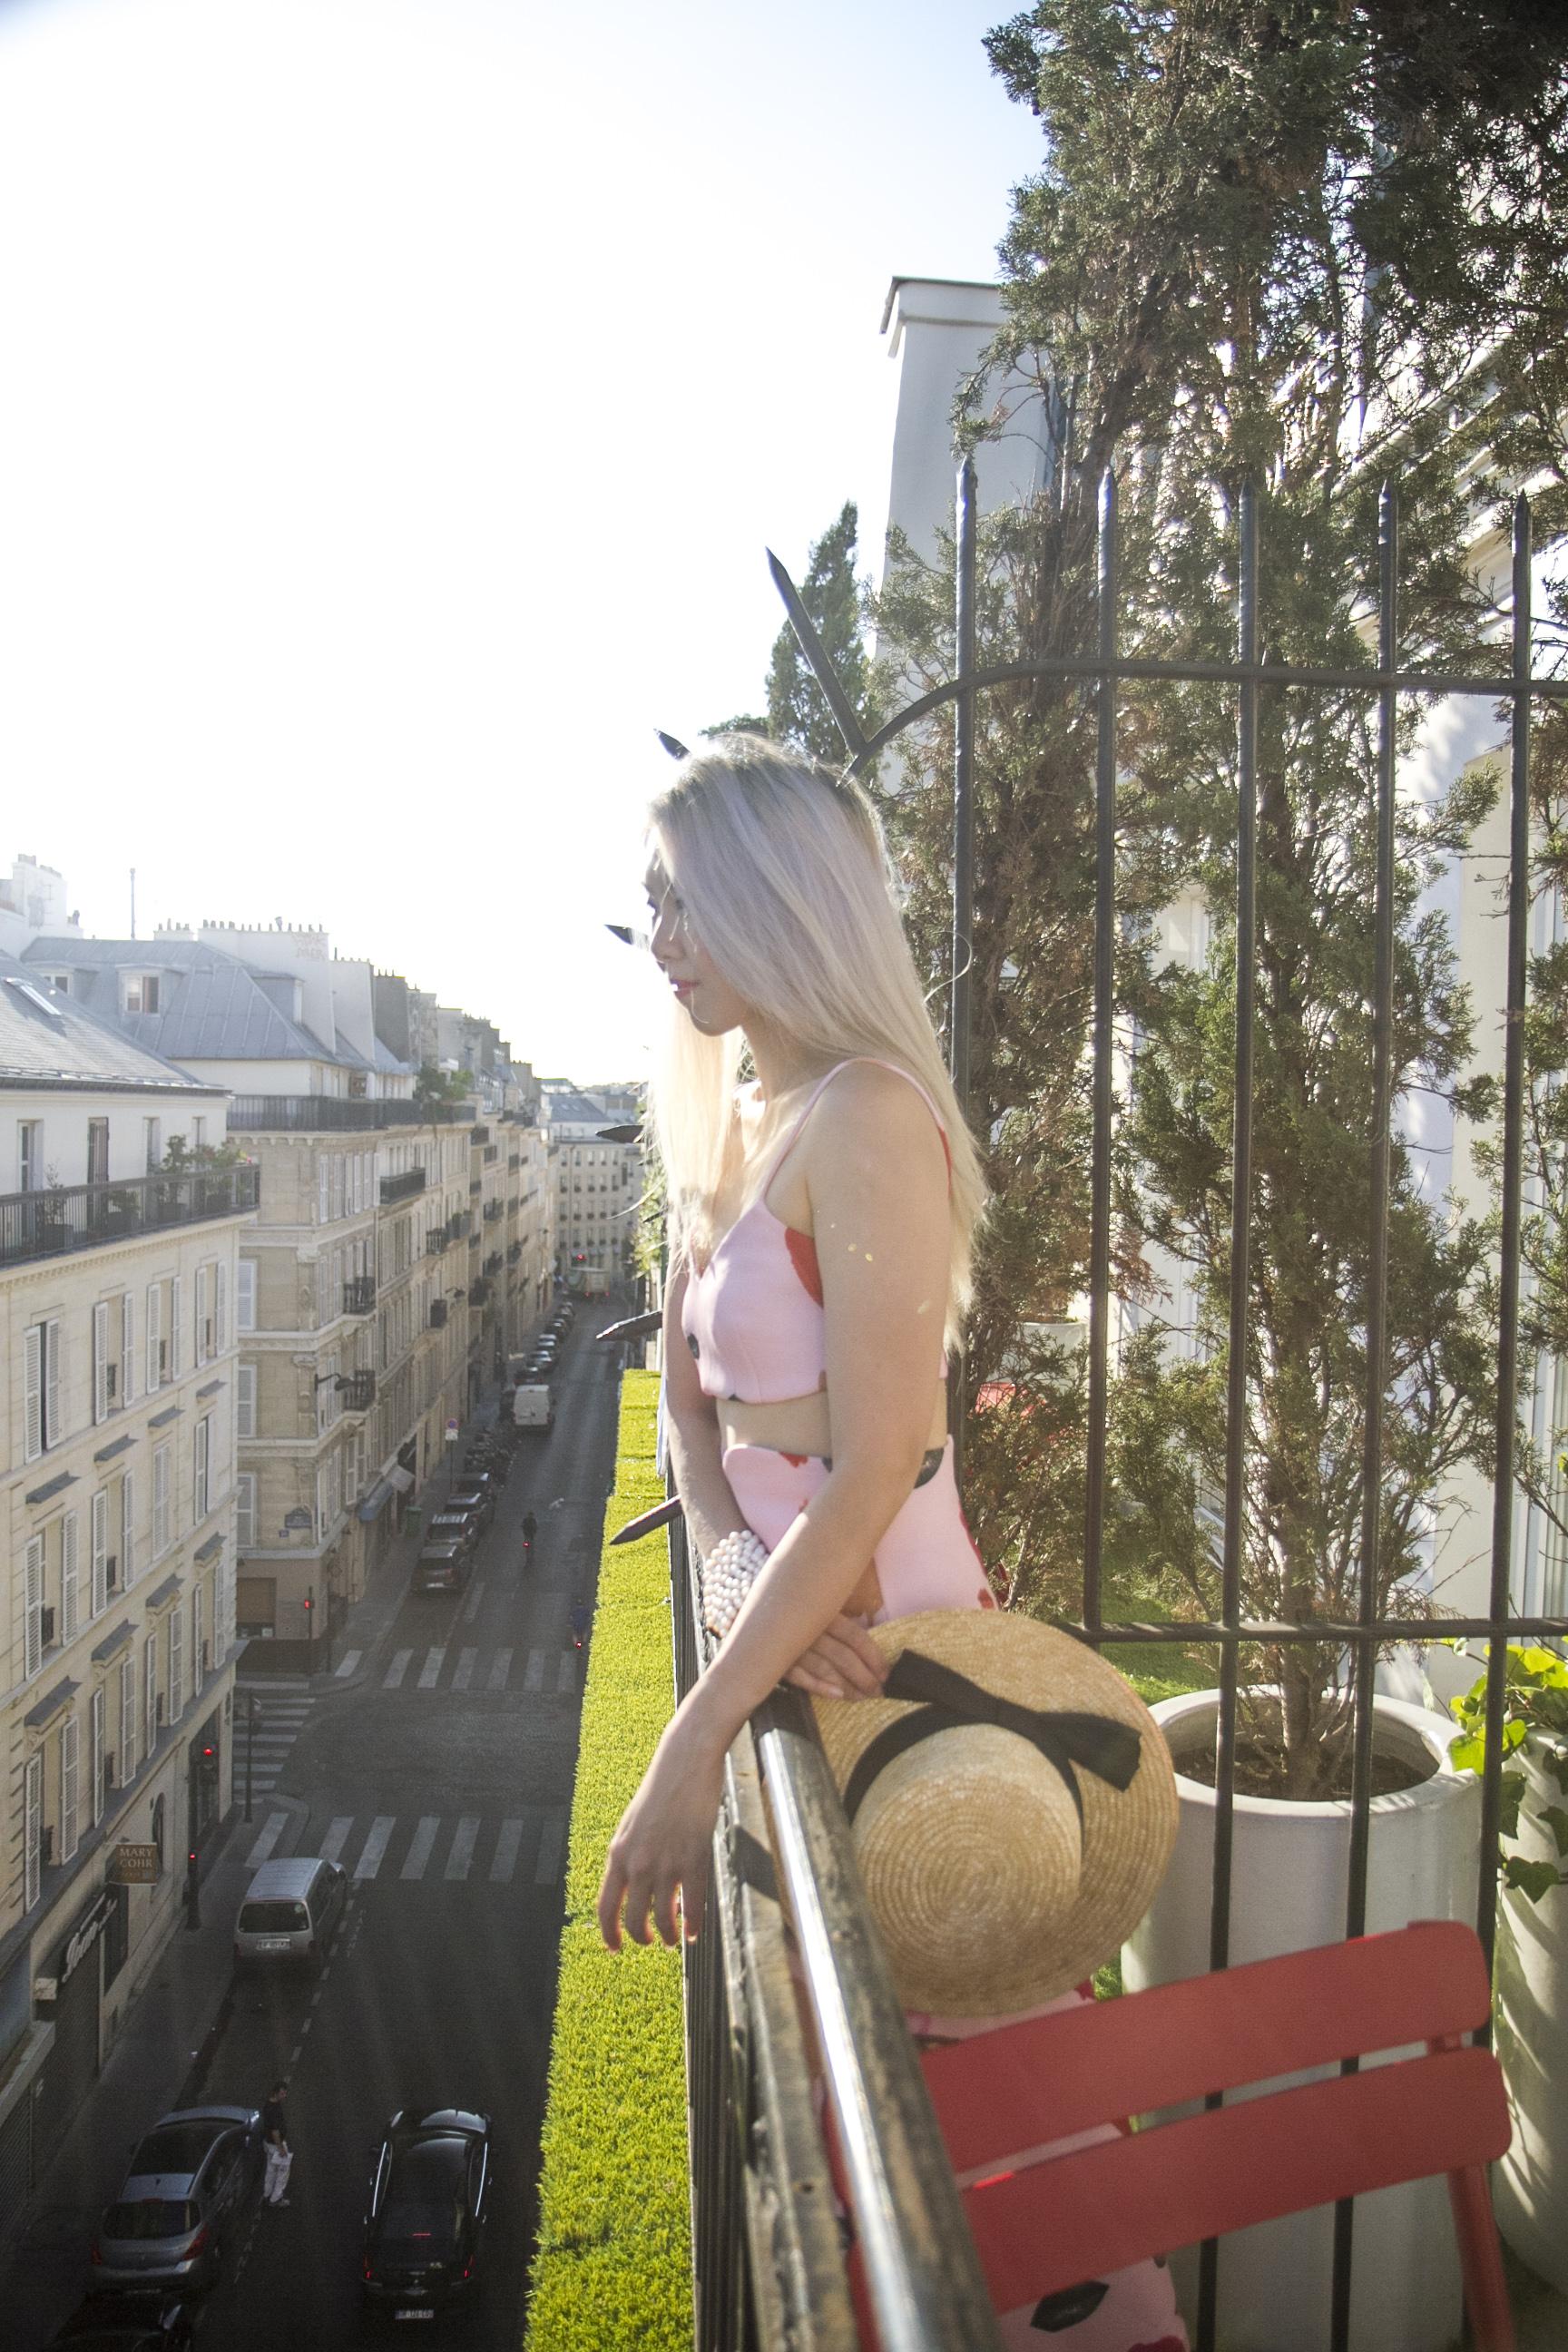 paris_lookout2